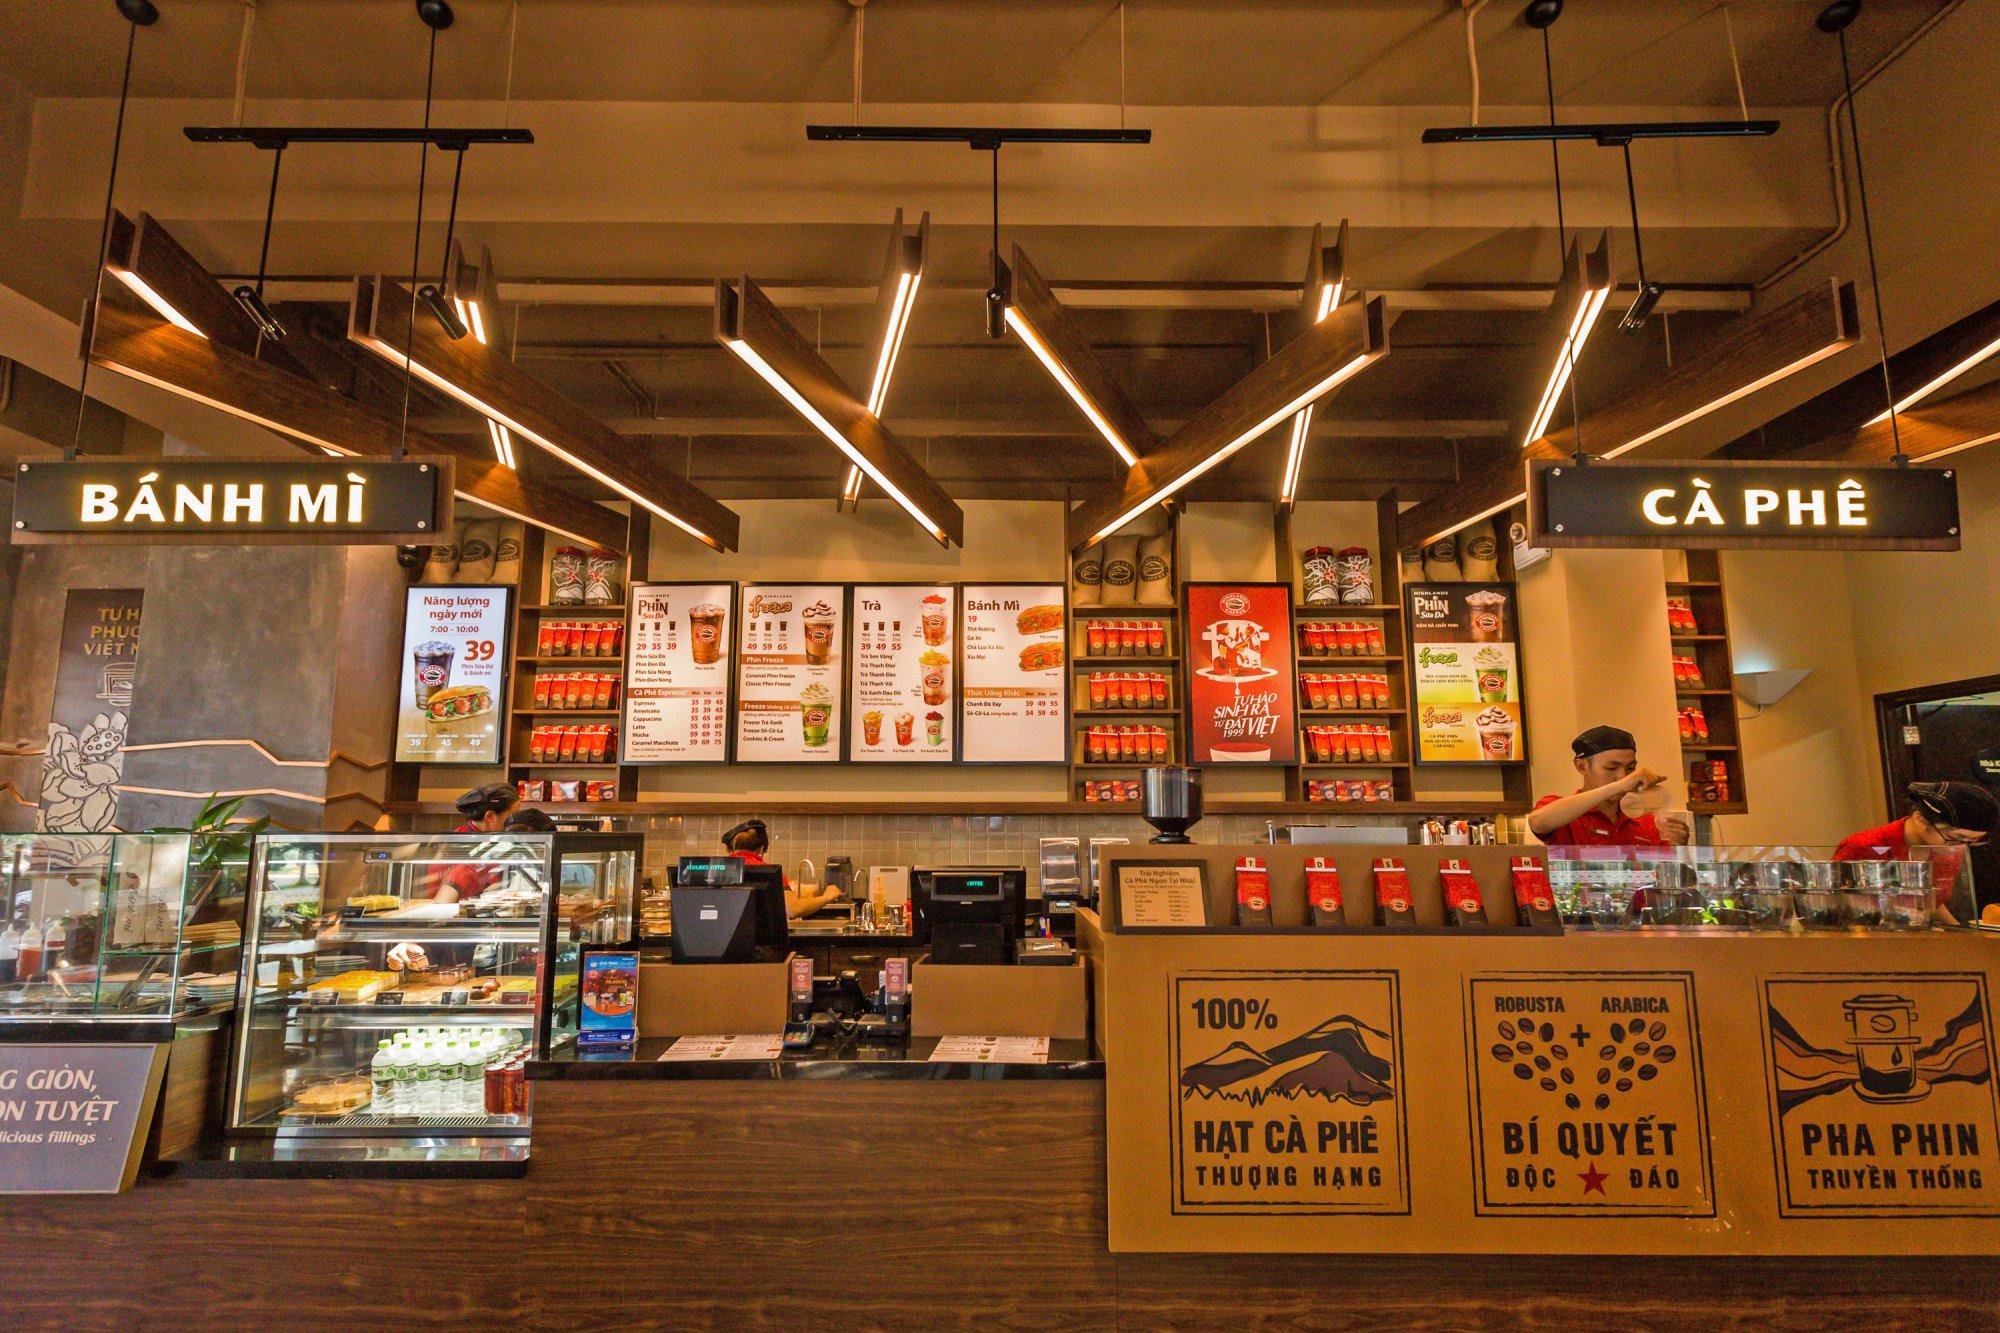 Trang trí nội thất quán cafe hiện đại 2